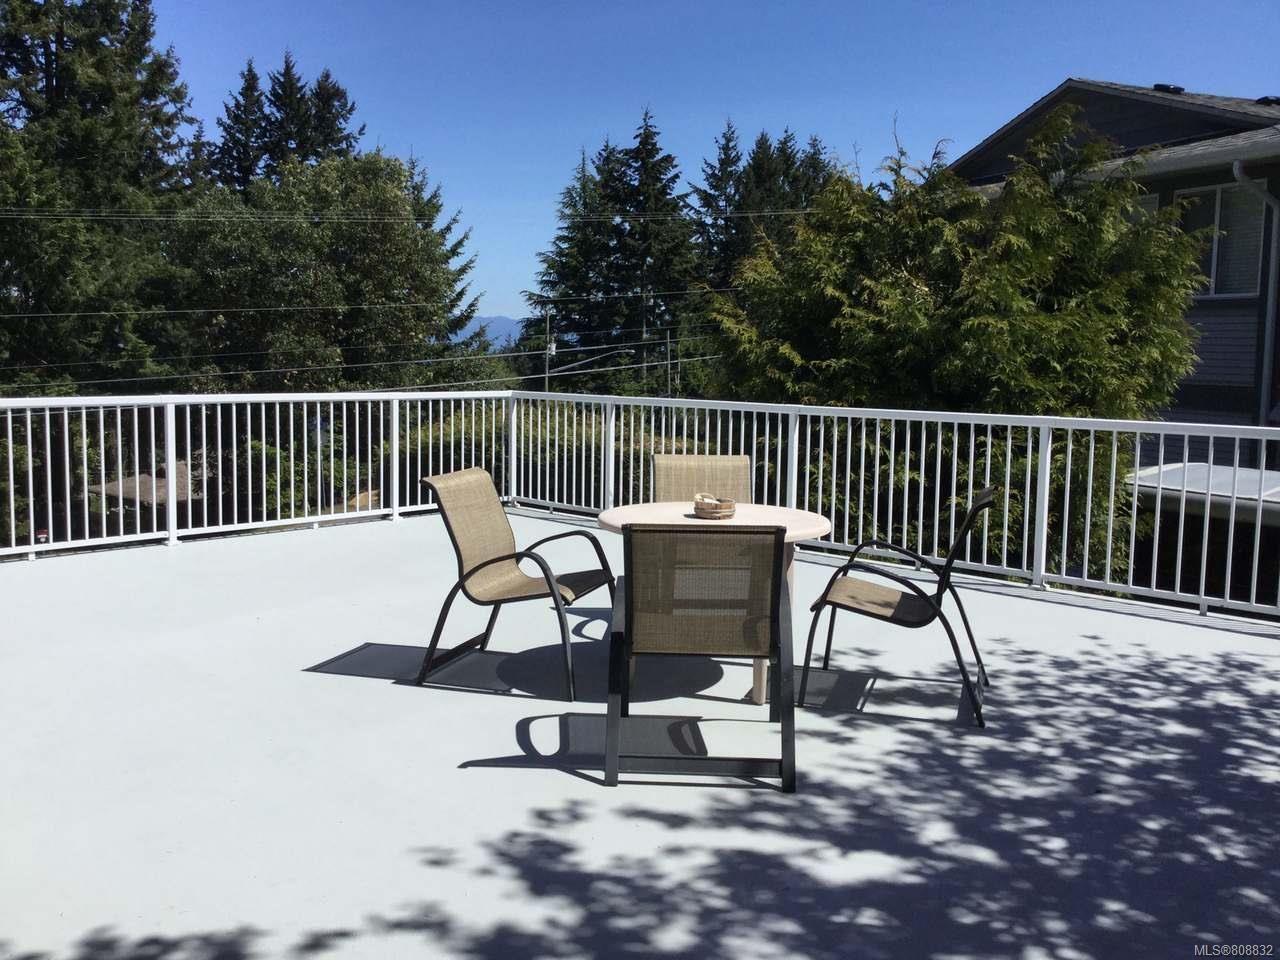 Photo 16: Photos: 5407 Lost Lake Rd in NANAIMO: Na North Nanaimo House for sale (Nanaimo)  : MLS®# 808832